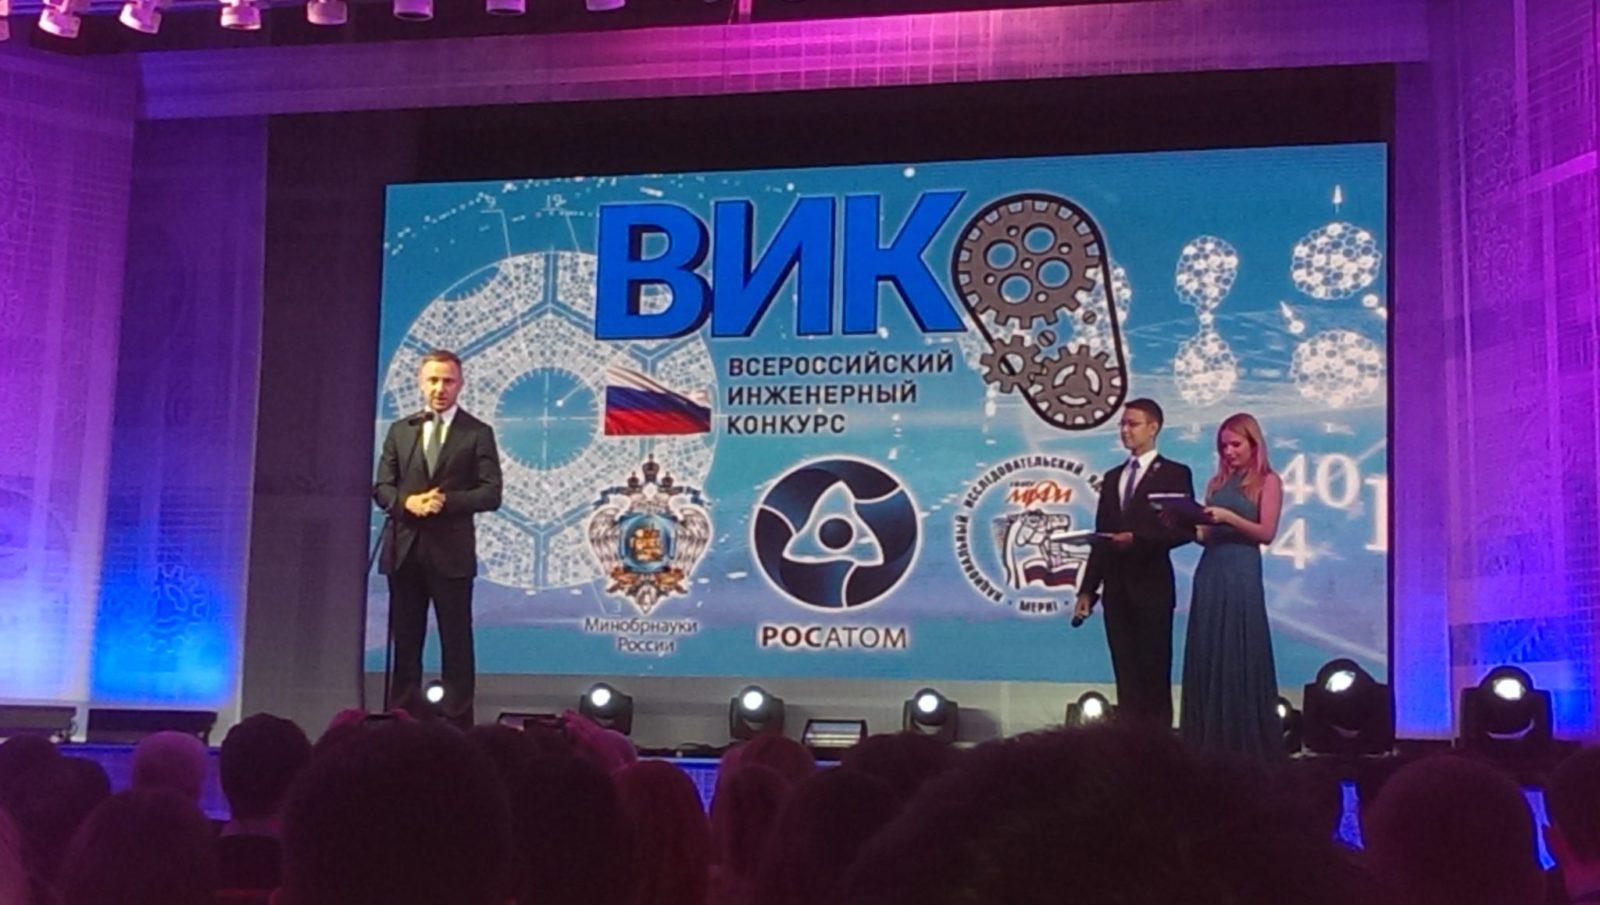 Конкурс россия 10 участники